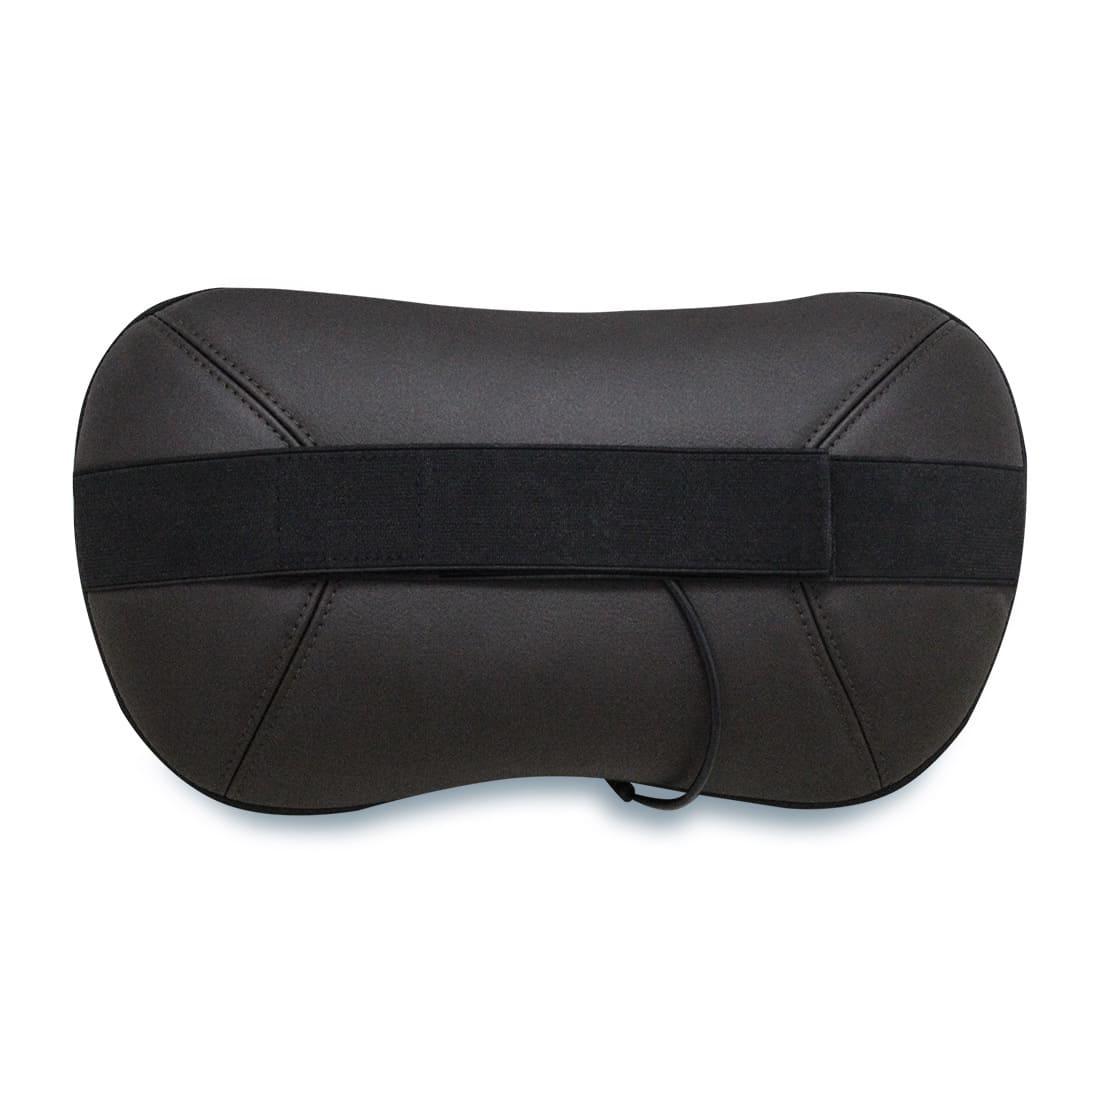 uShiatsu Plus беспроводная массажная подушка